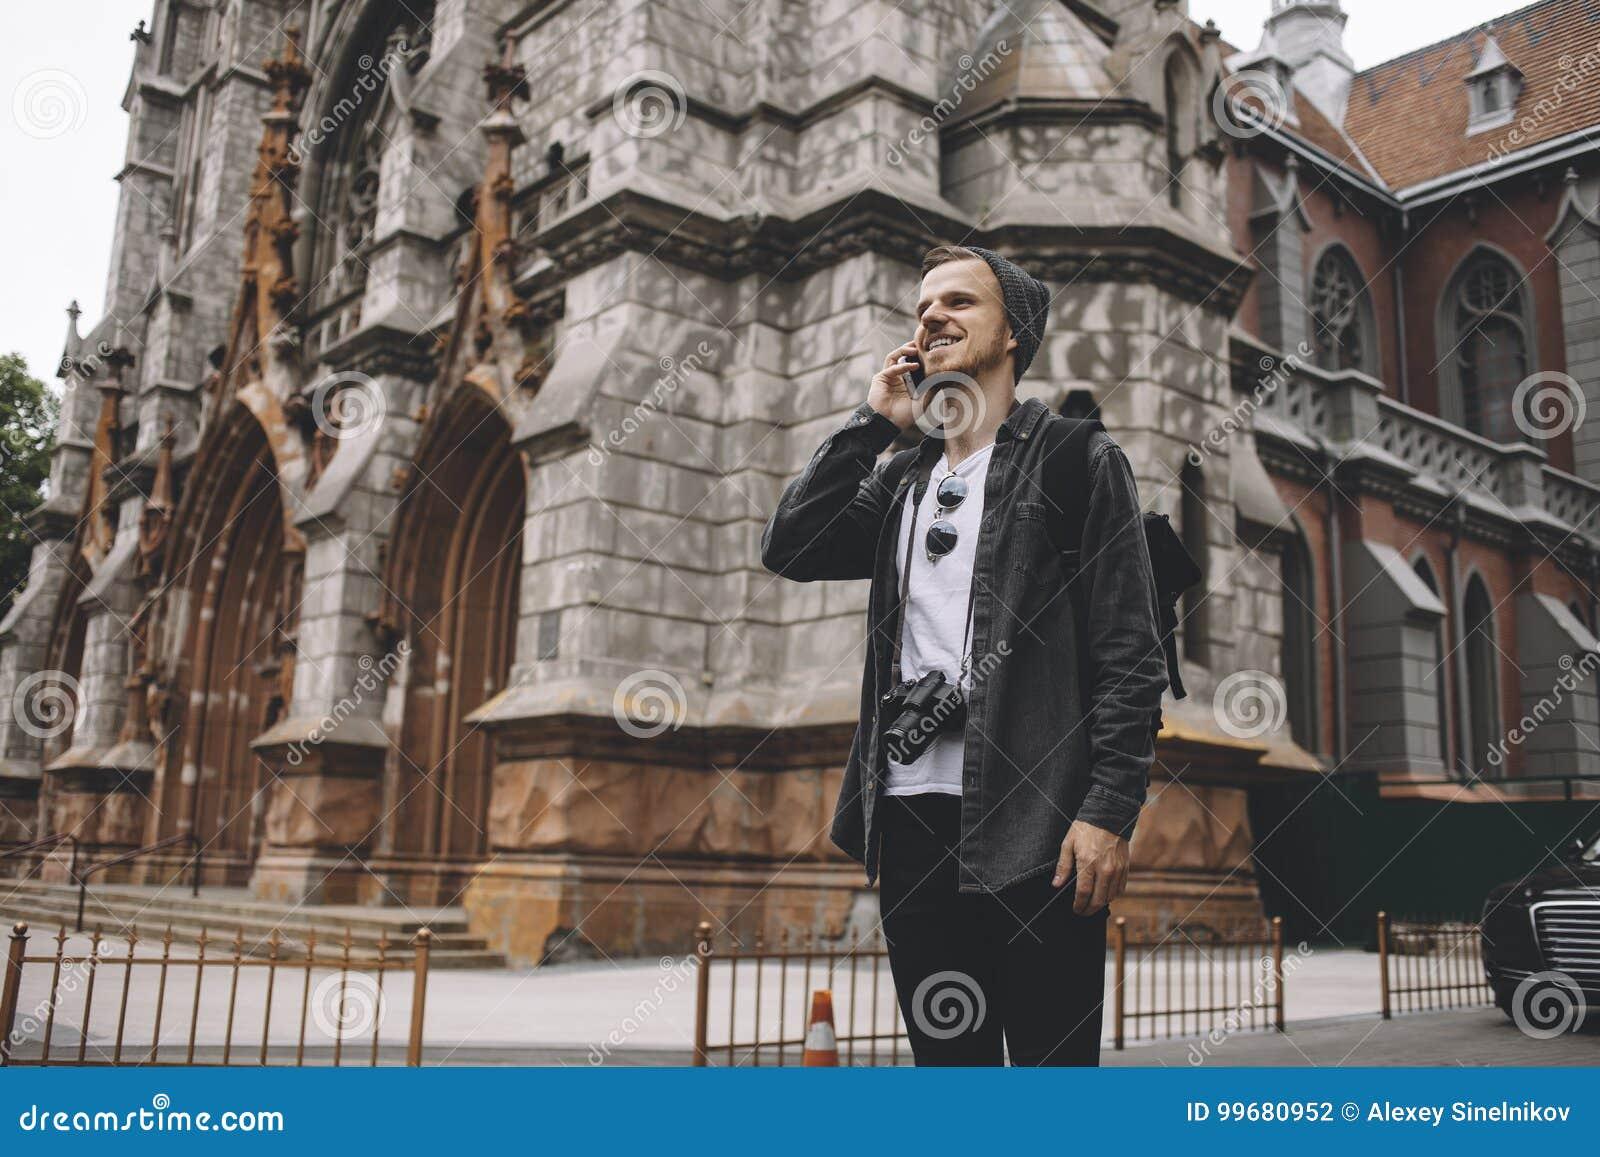 Questo turista sta stando sulla strada vicino alla vecchia costruzione marrone Sta parlando sul telefono e sta sorridendo con un